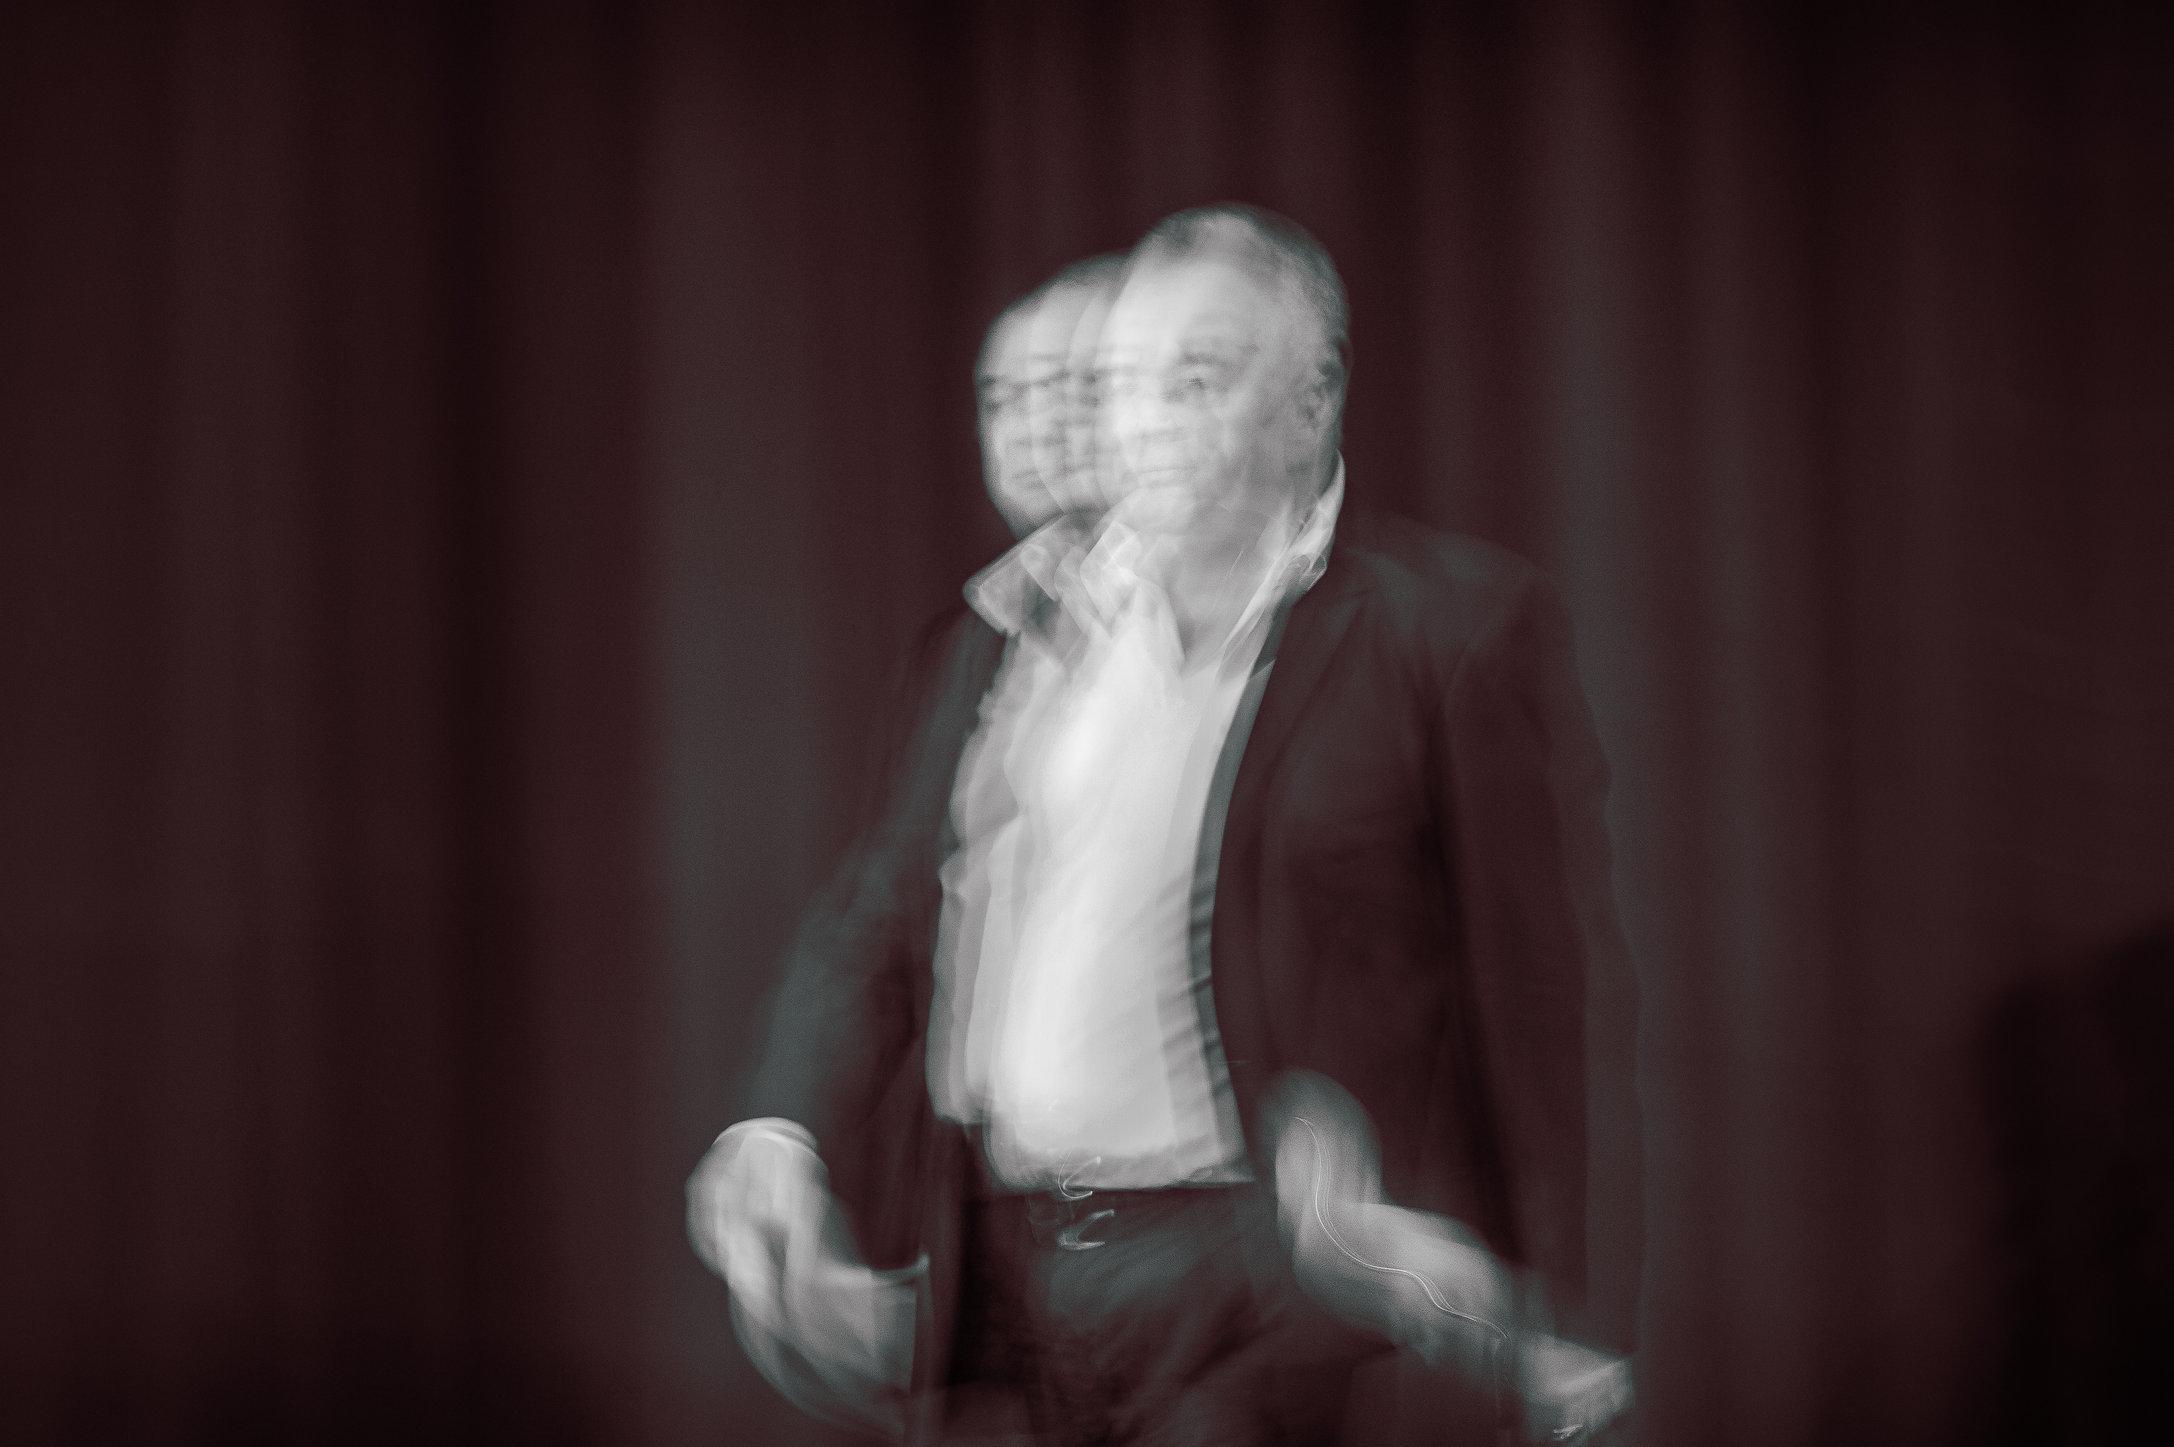 Stanislaw Soyka